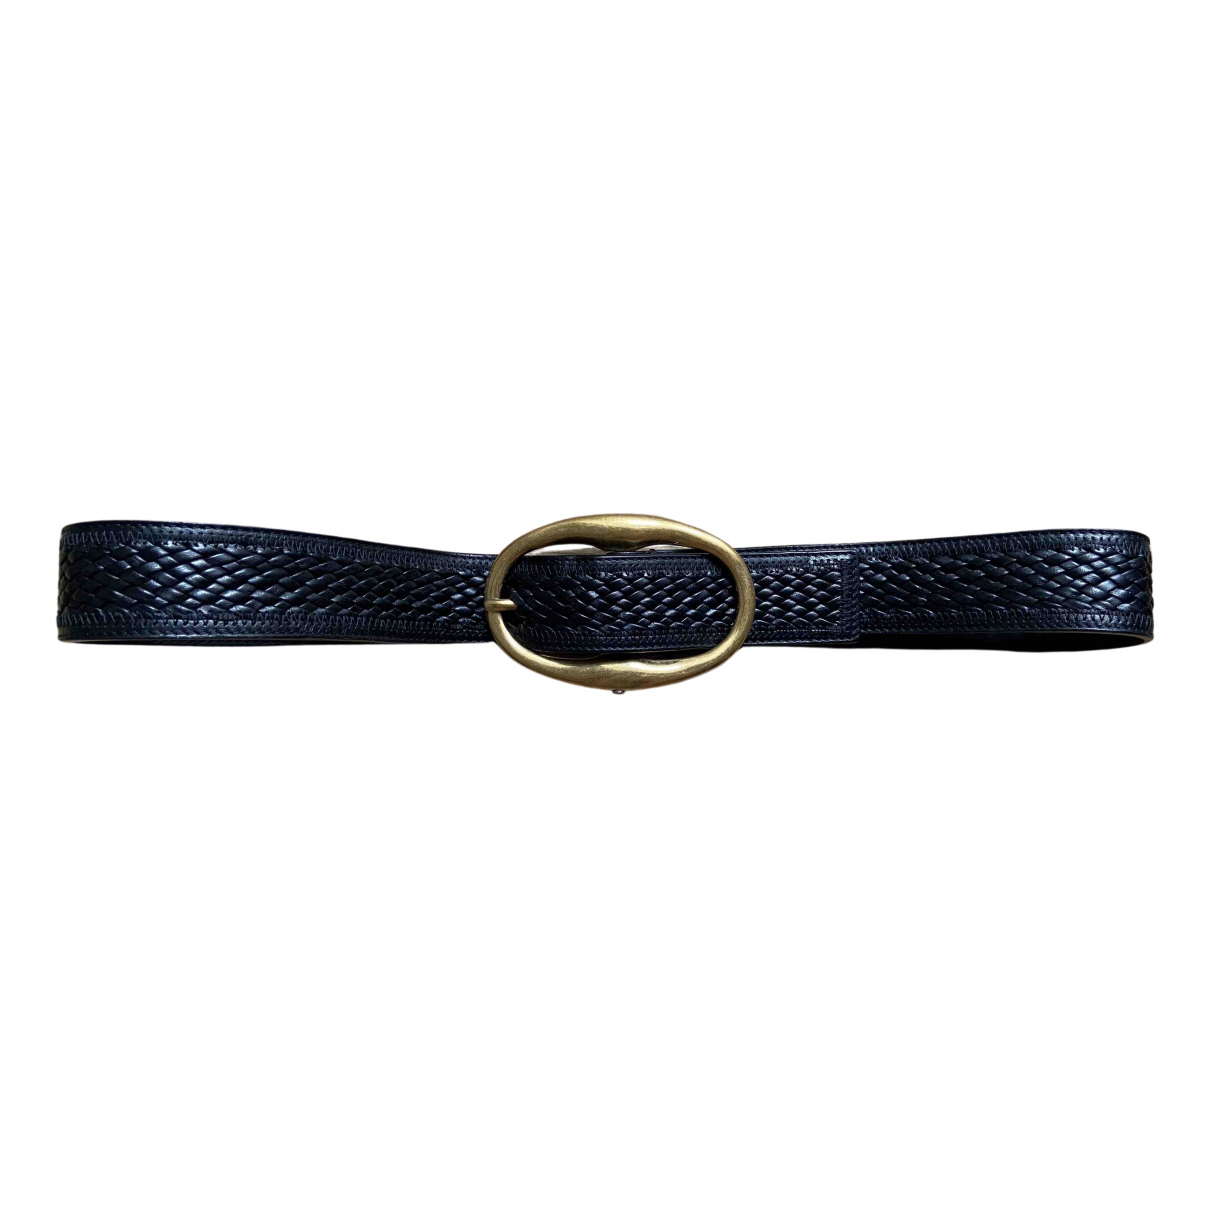 Yves Saint Laurent N Black Leather belt for Men 90 cm